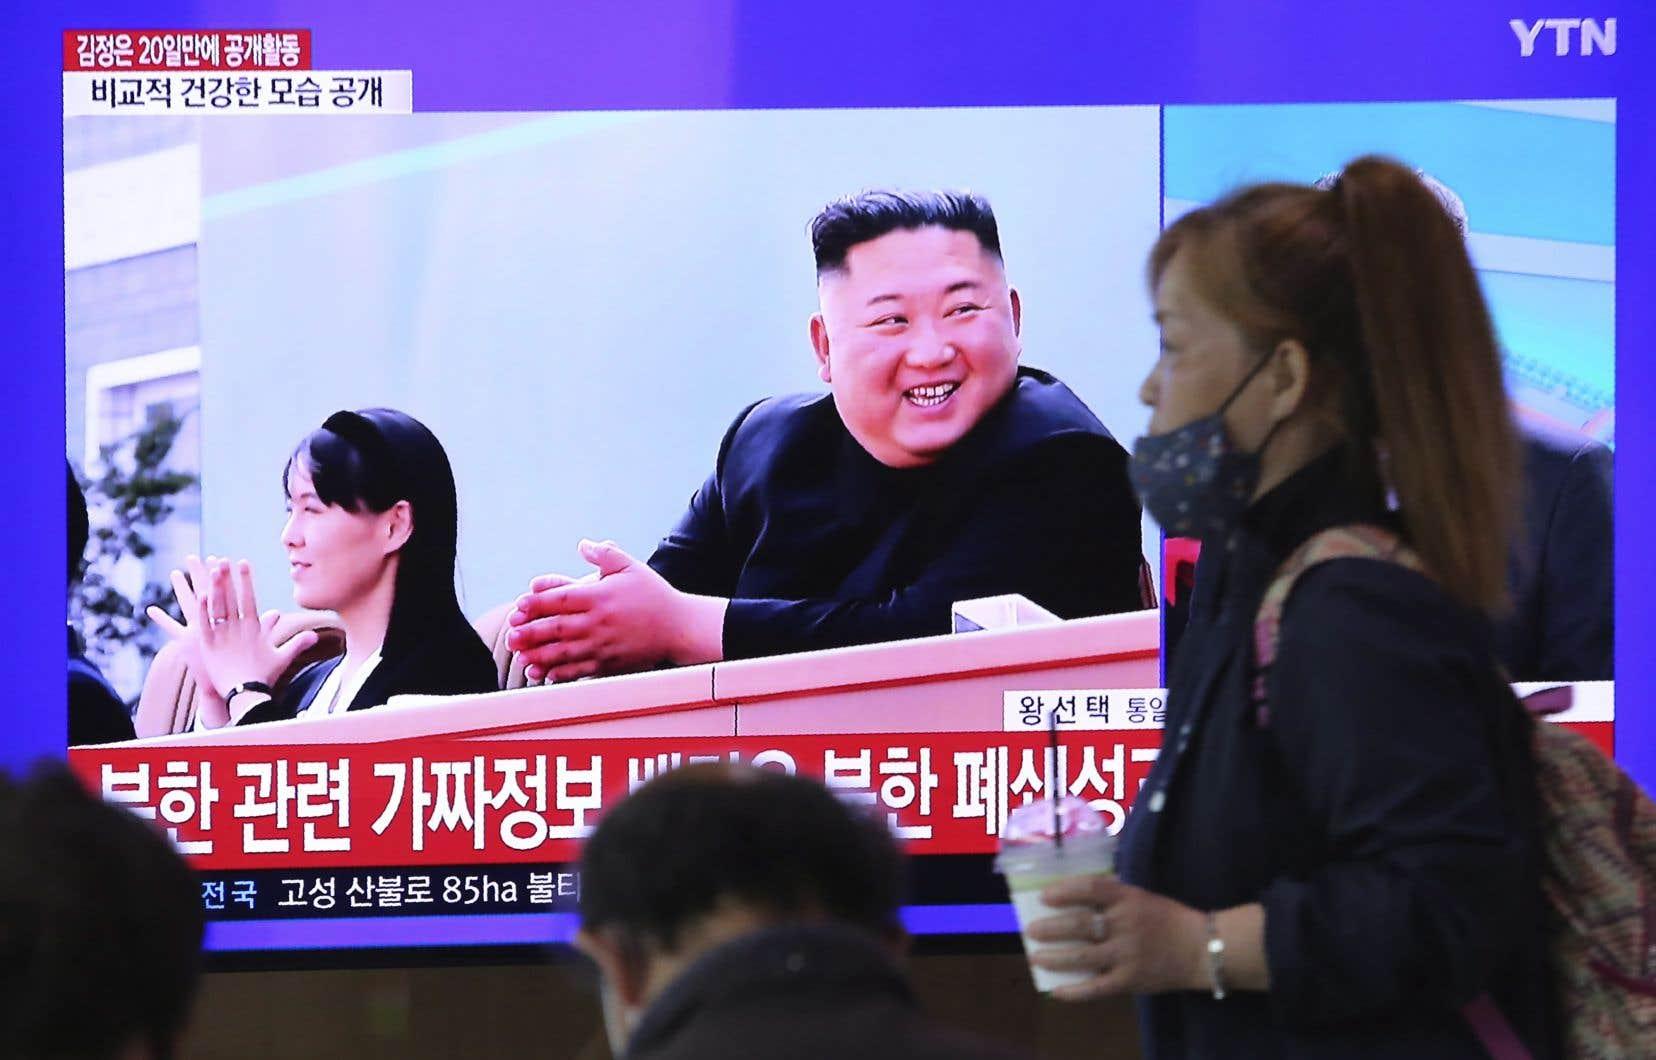 La télévision d'État (ici relayée par une chaîne sud-coréenne) l'a montré samedi souriant largement lors de l'inauguration d'une usine vendredi à Sunchon, au nord de Pyongyang.